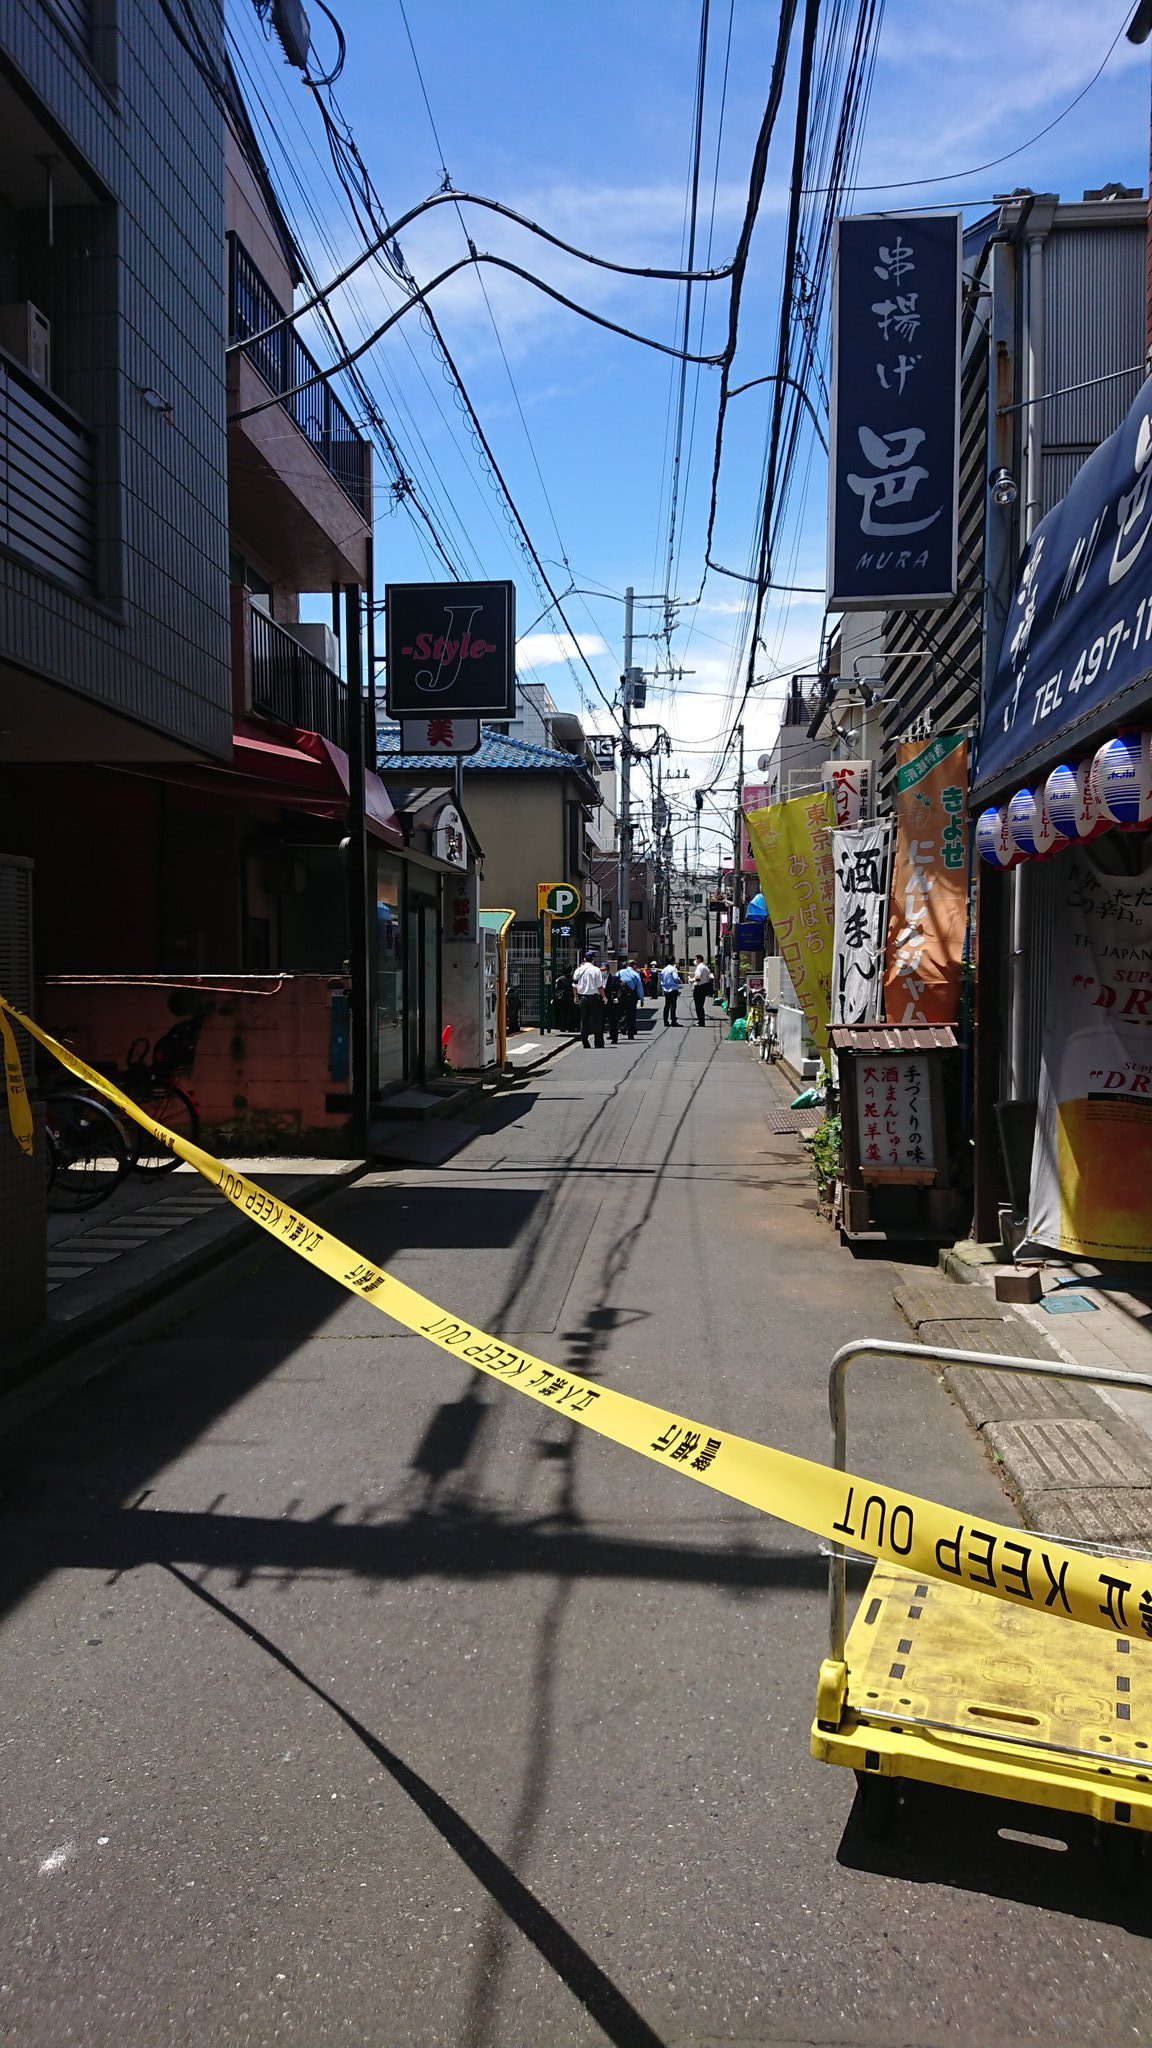 清瀬市松山の刺傷事件で規制線が張られている現場の画像